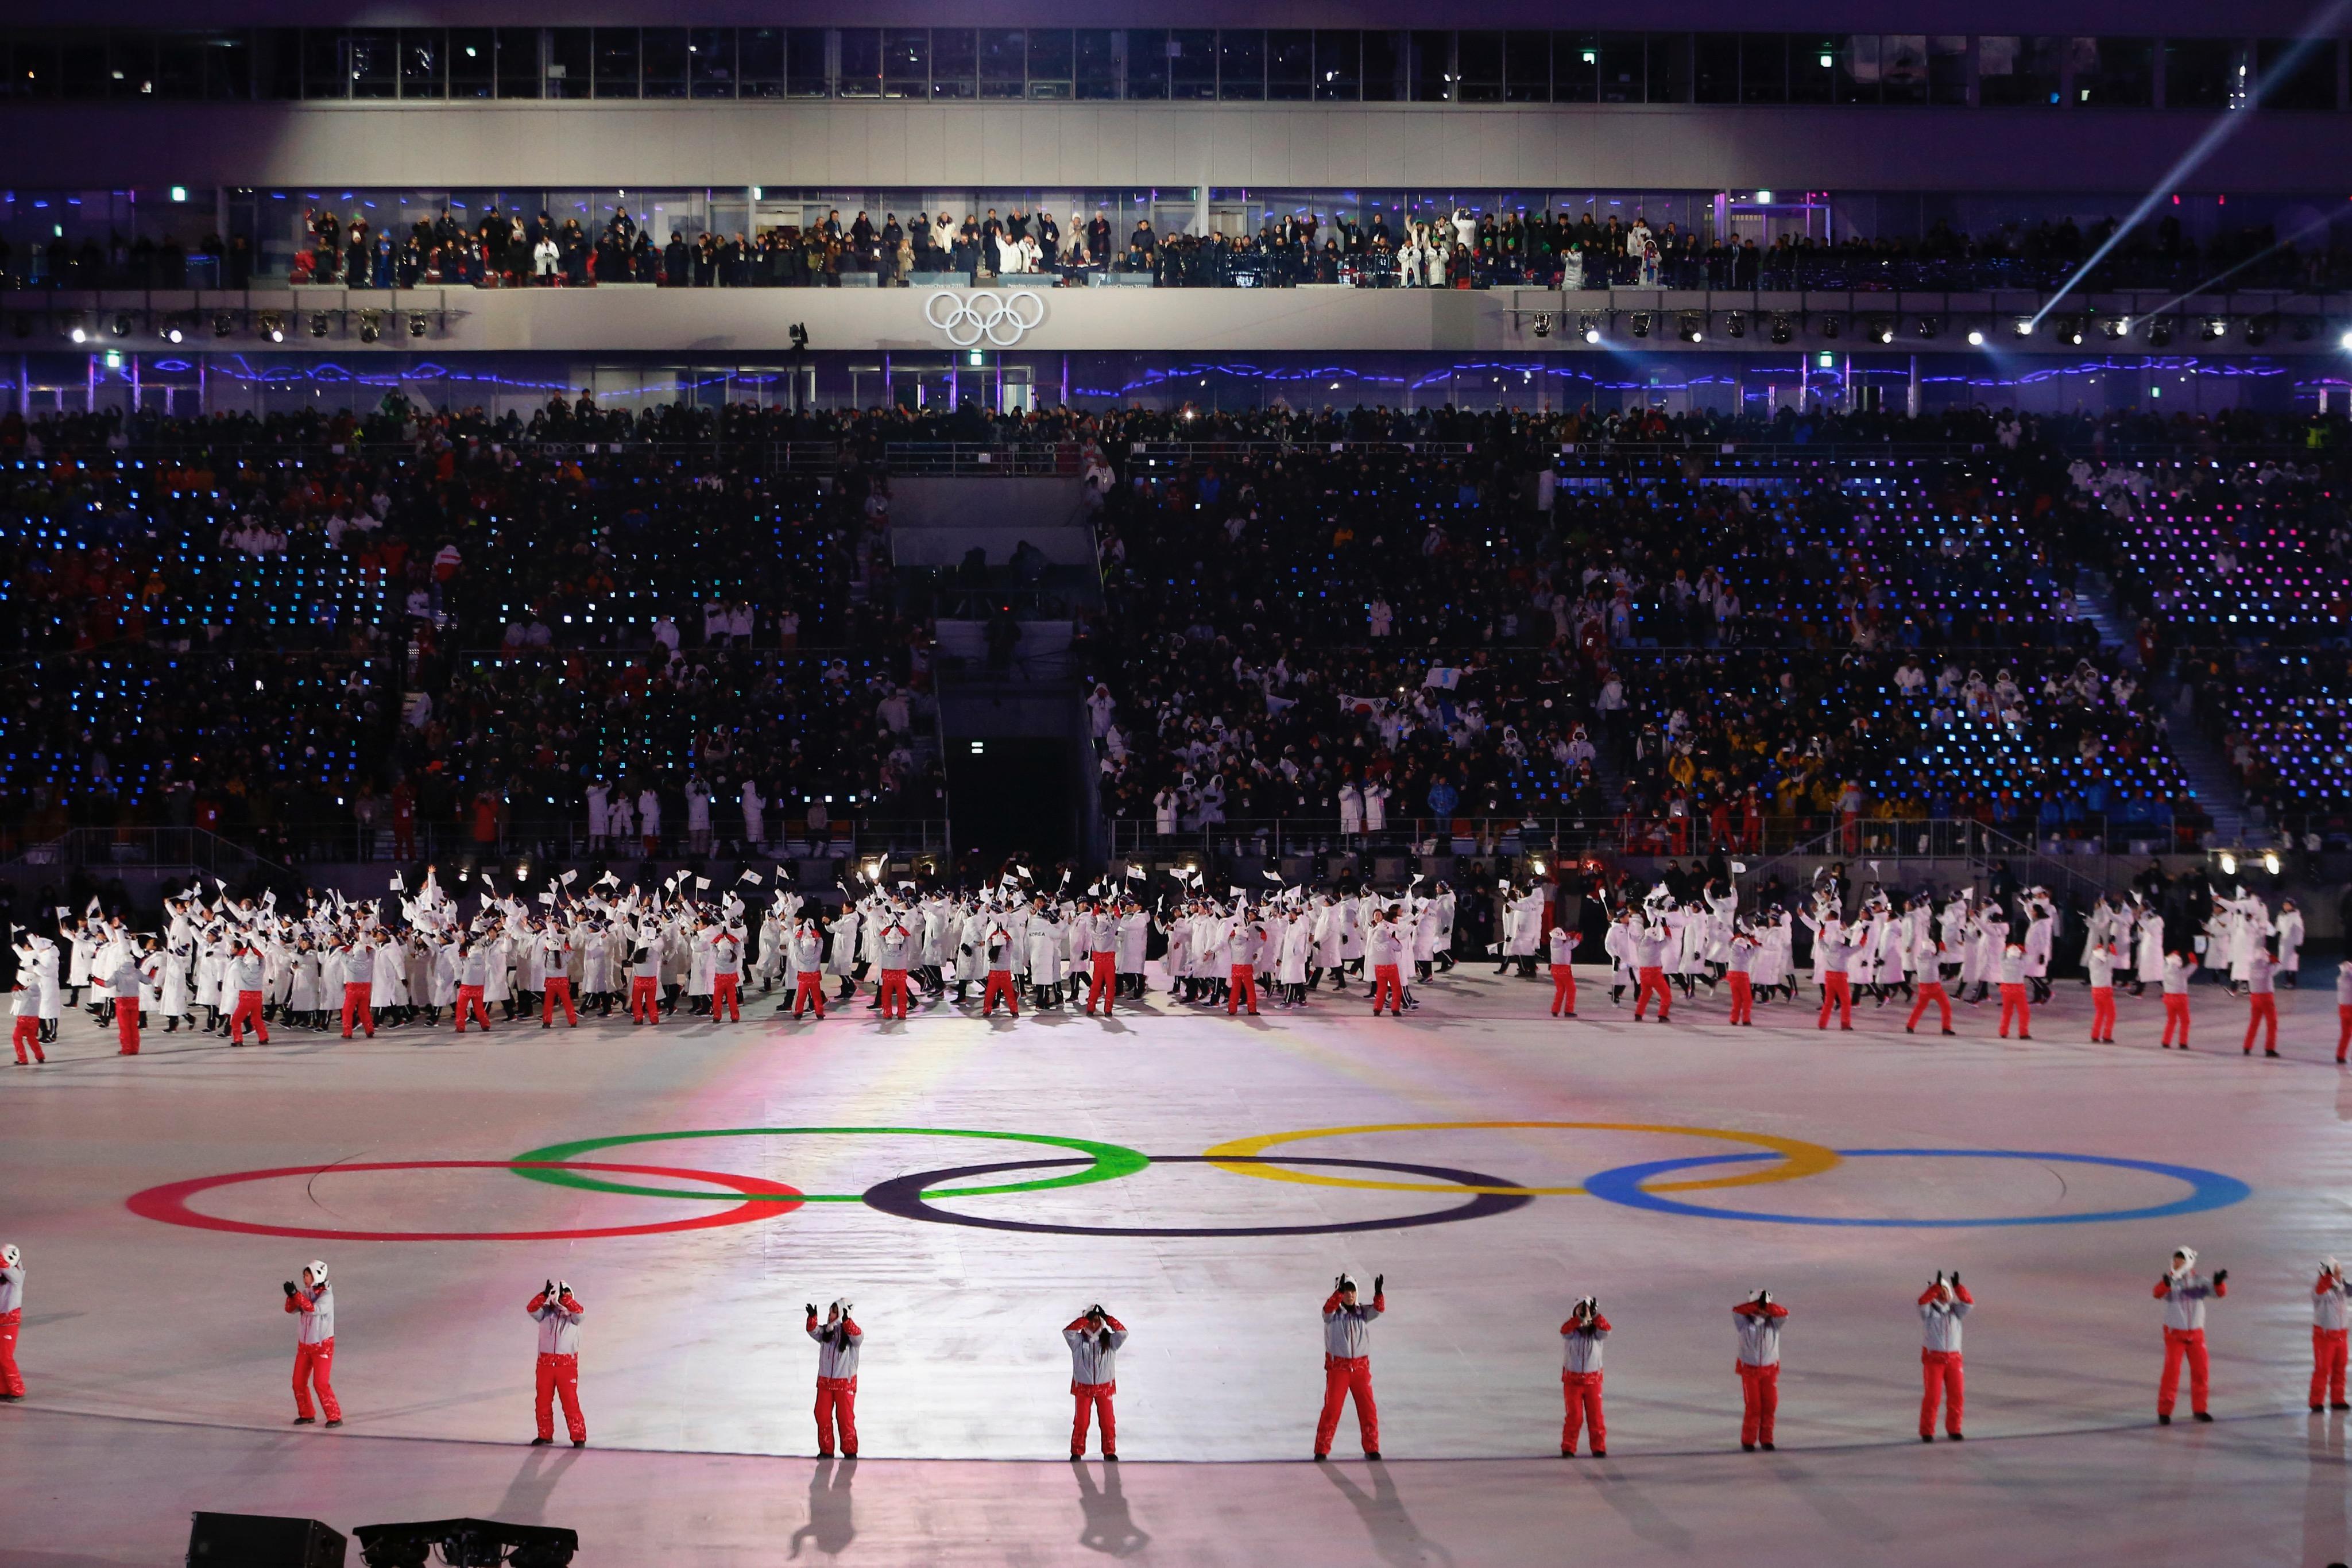 La cérémonie d'ouverture.